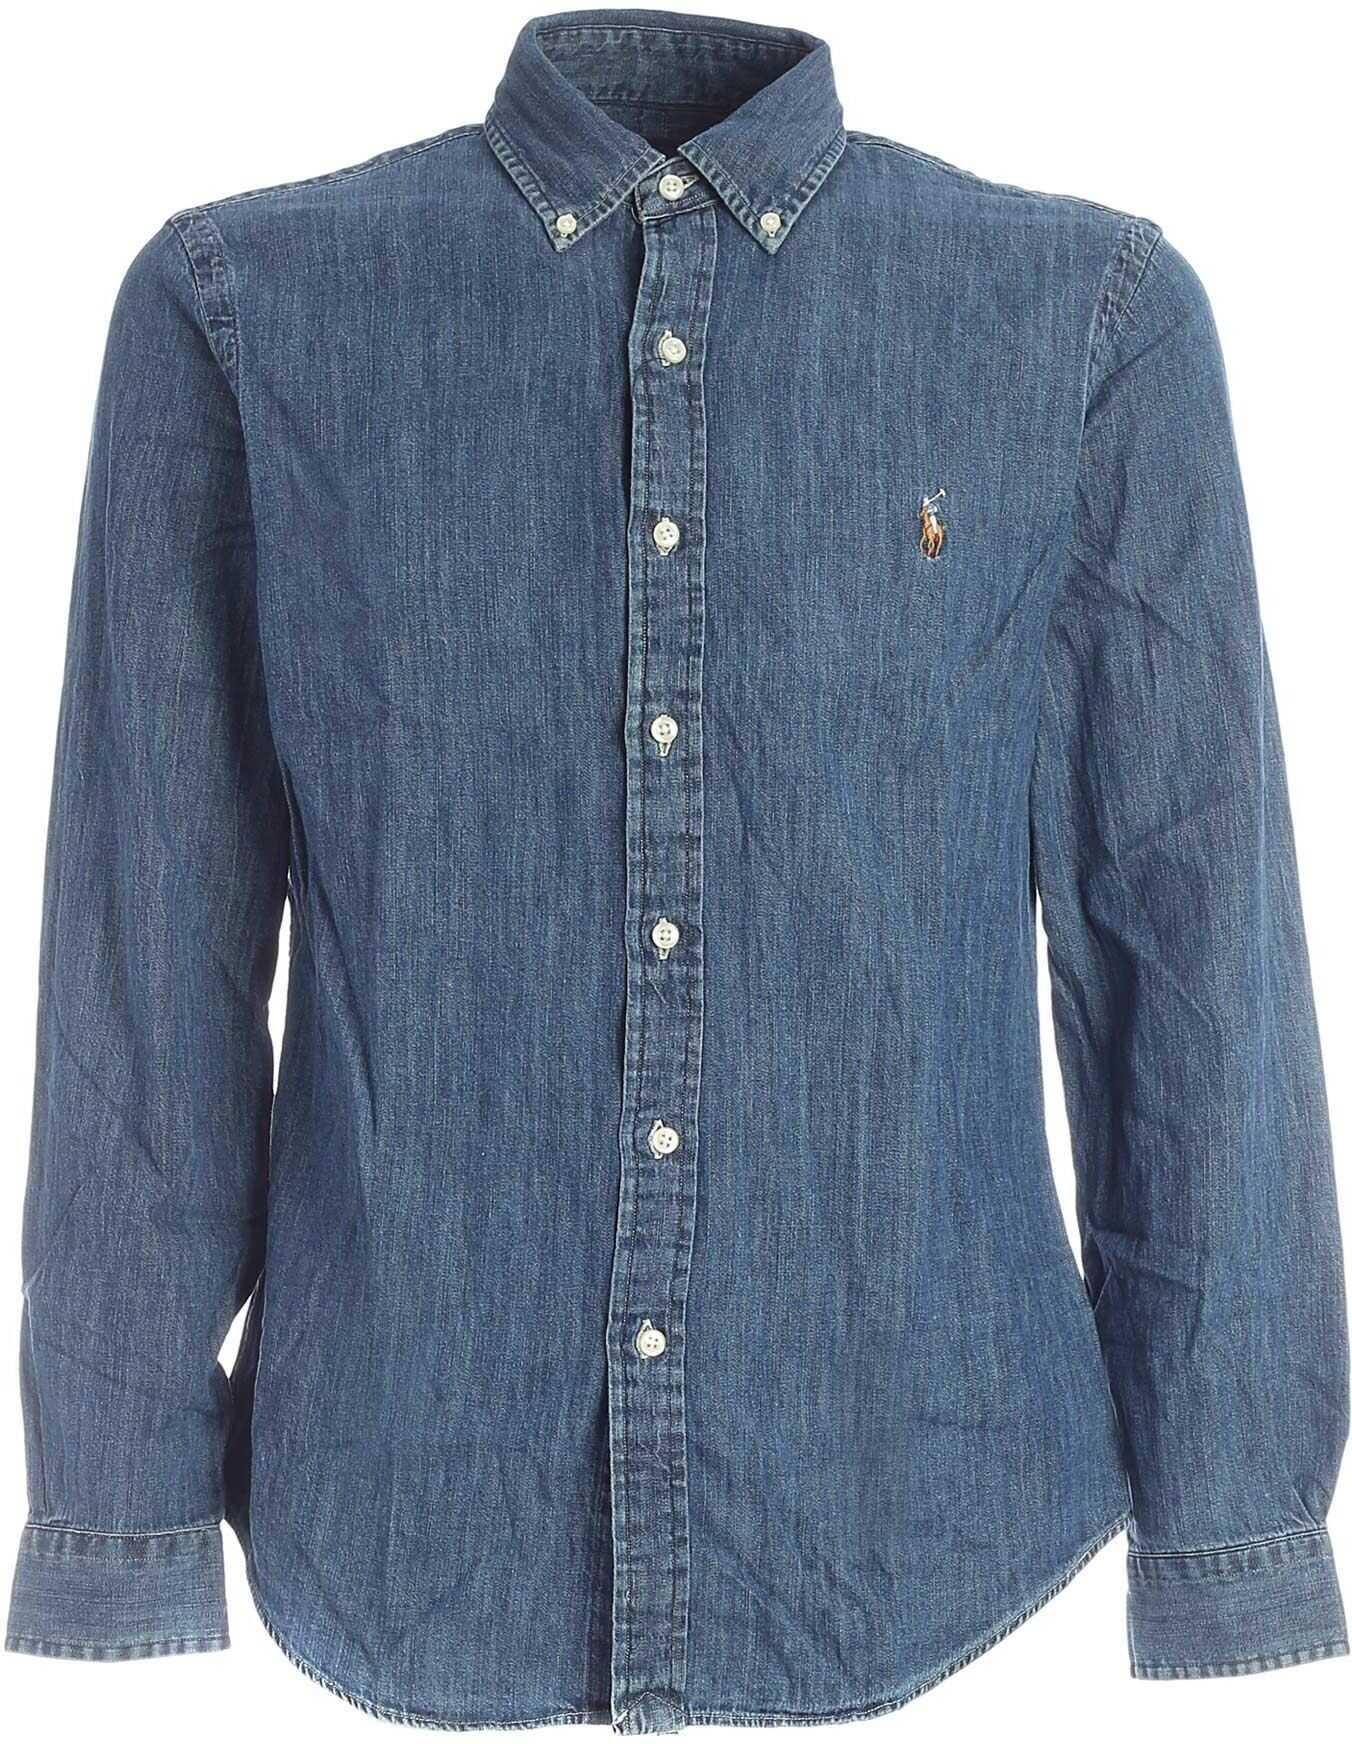 Ralph Lauren Blue Denim Button-Down Shirt Blue imagine